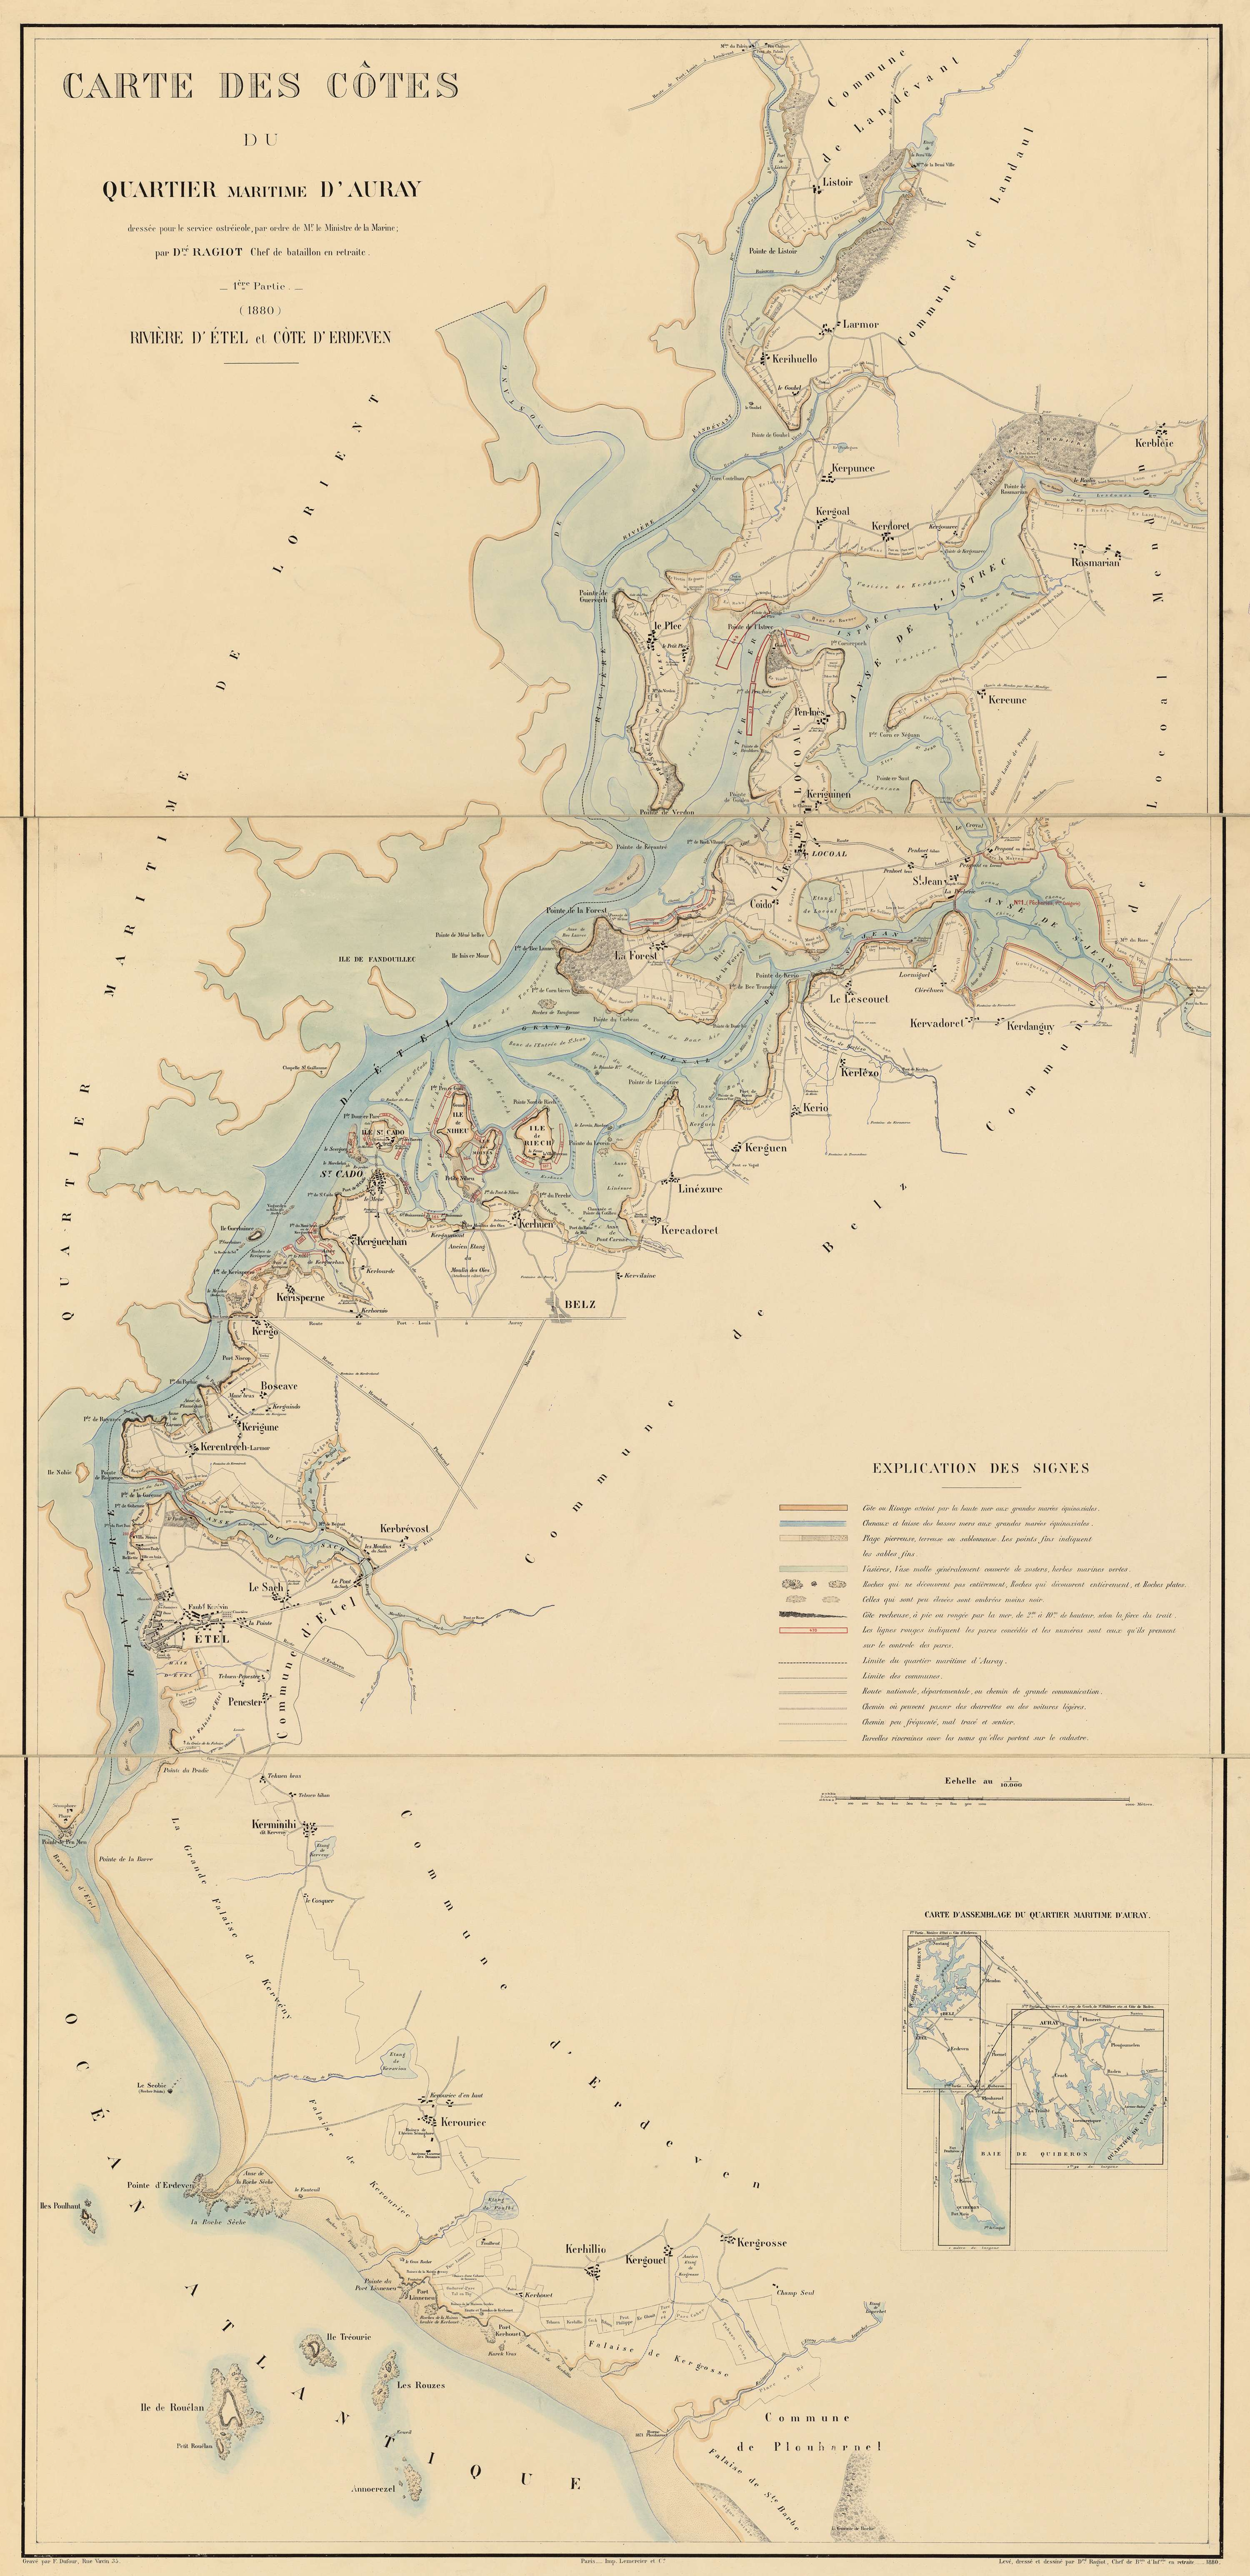 Carte des côtes